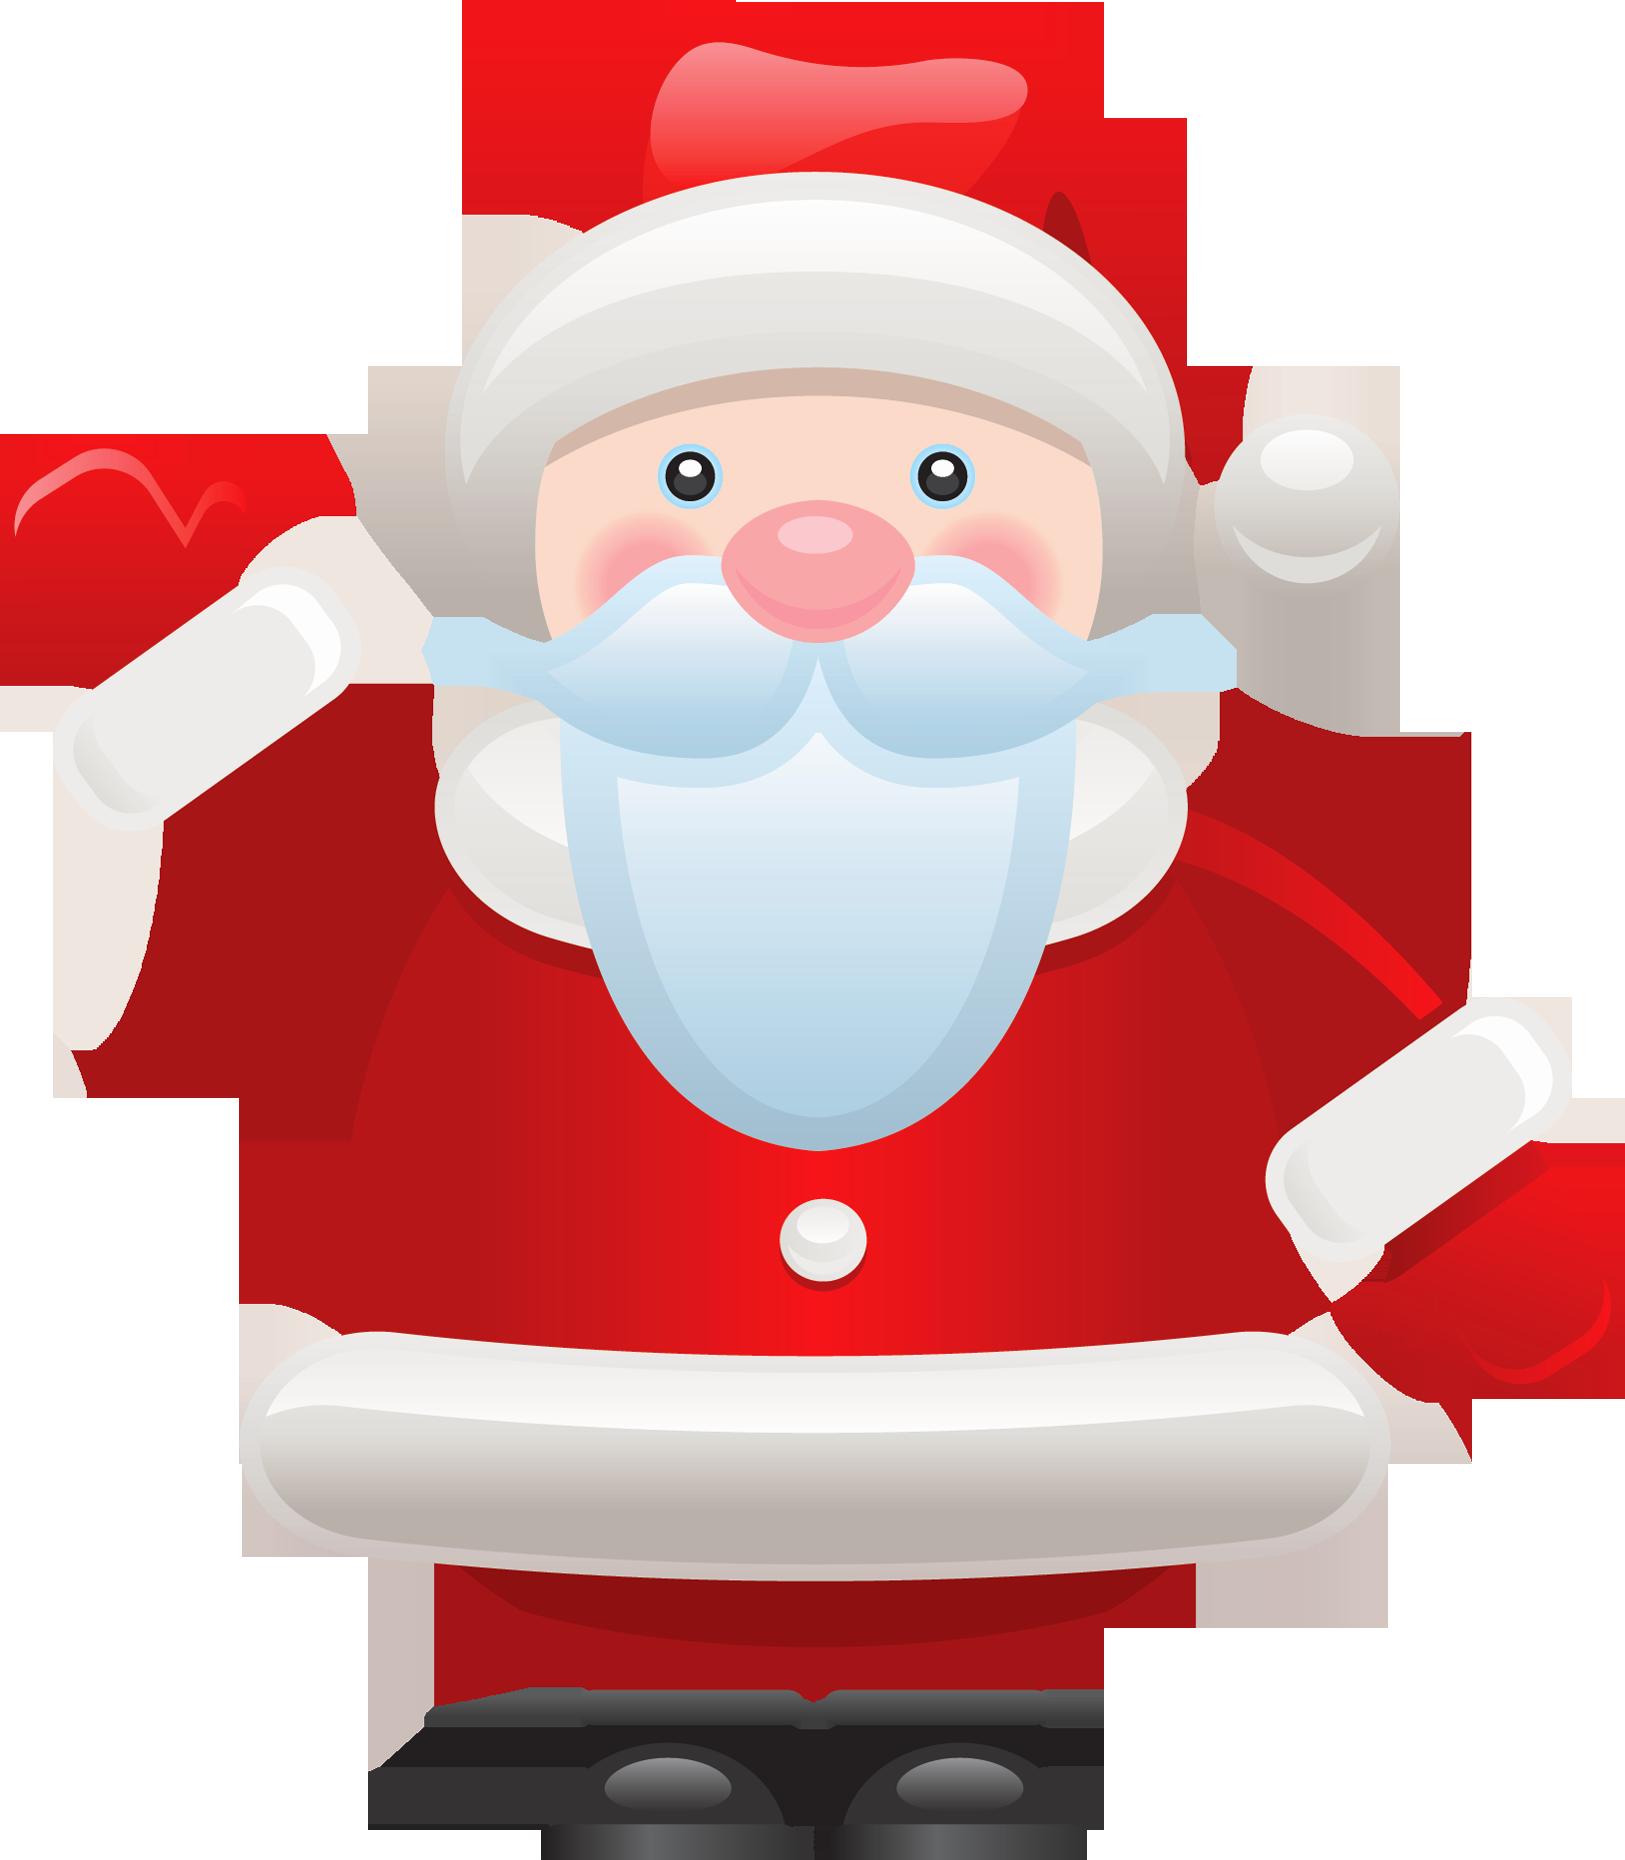 Santa claus png image. Epiphany clipart gifs